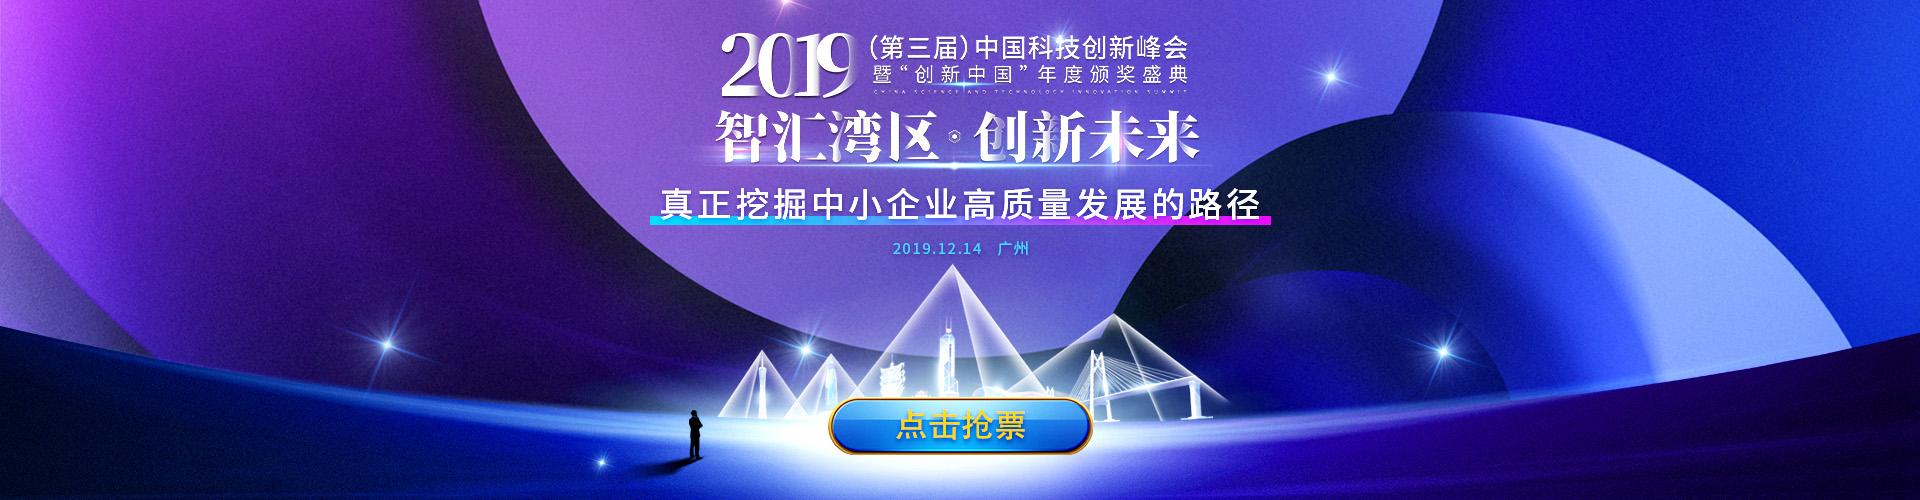 """2019(第三届)中国科技创新峰会暨2019年度""""创新中国""""颁奖盛典"""